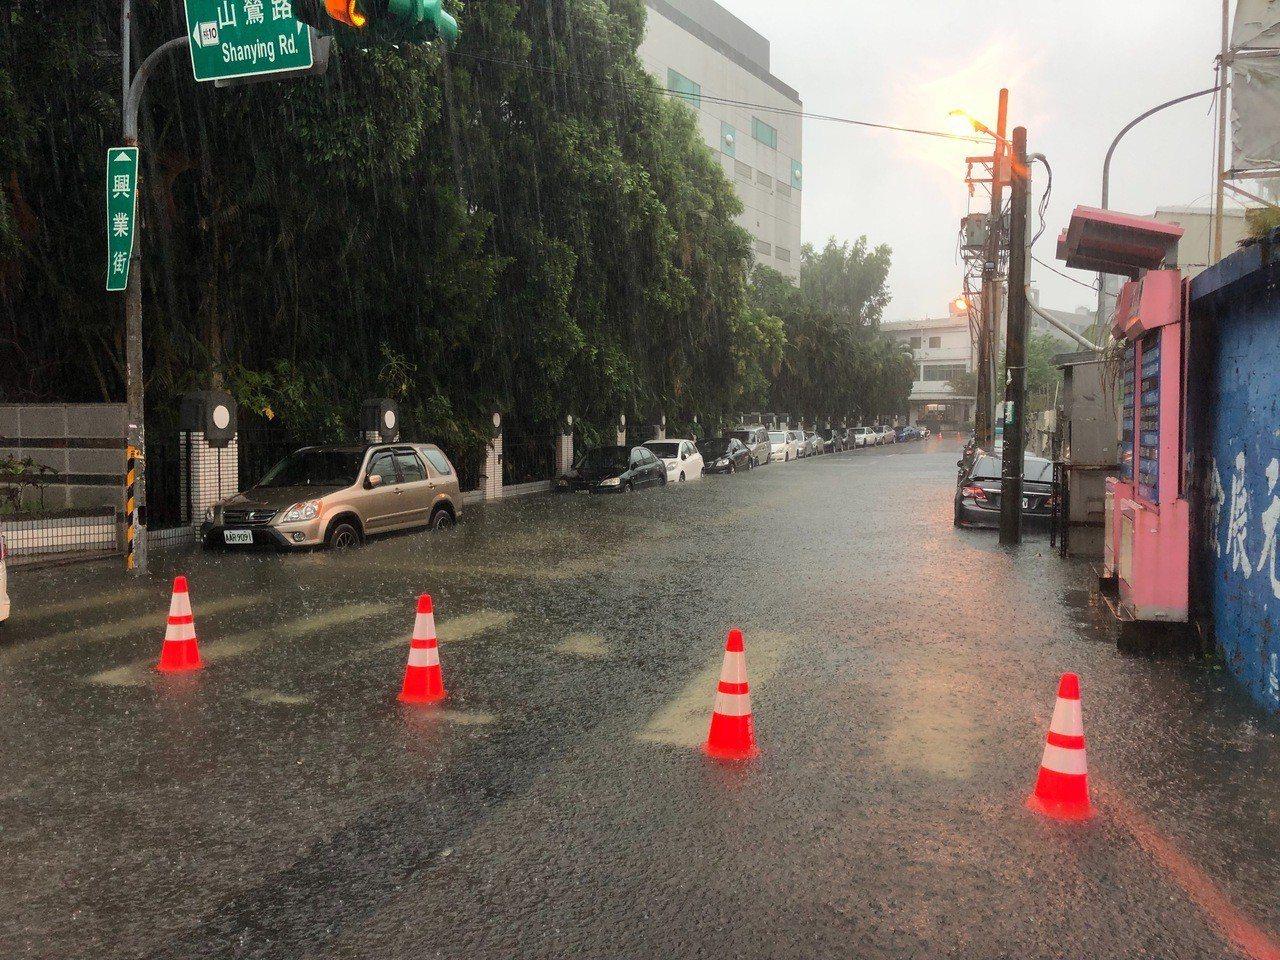 桃園市龜山區興業街淹水約20公分,警方已用交通錐封閉,並派員協助疏導管制中。圖/...